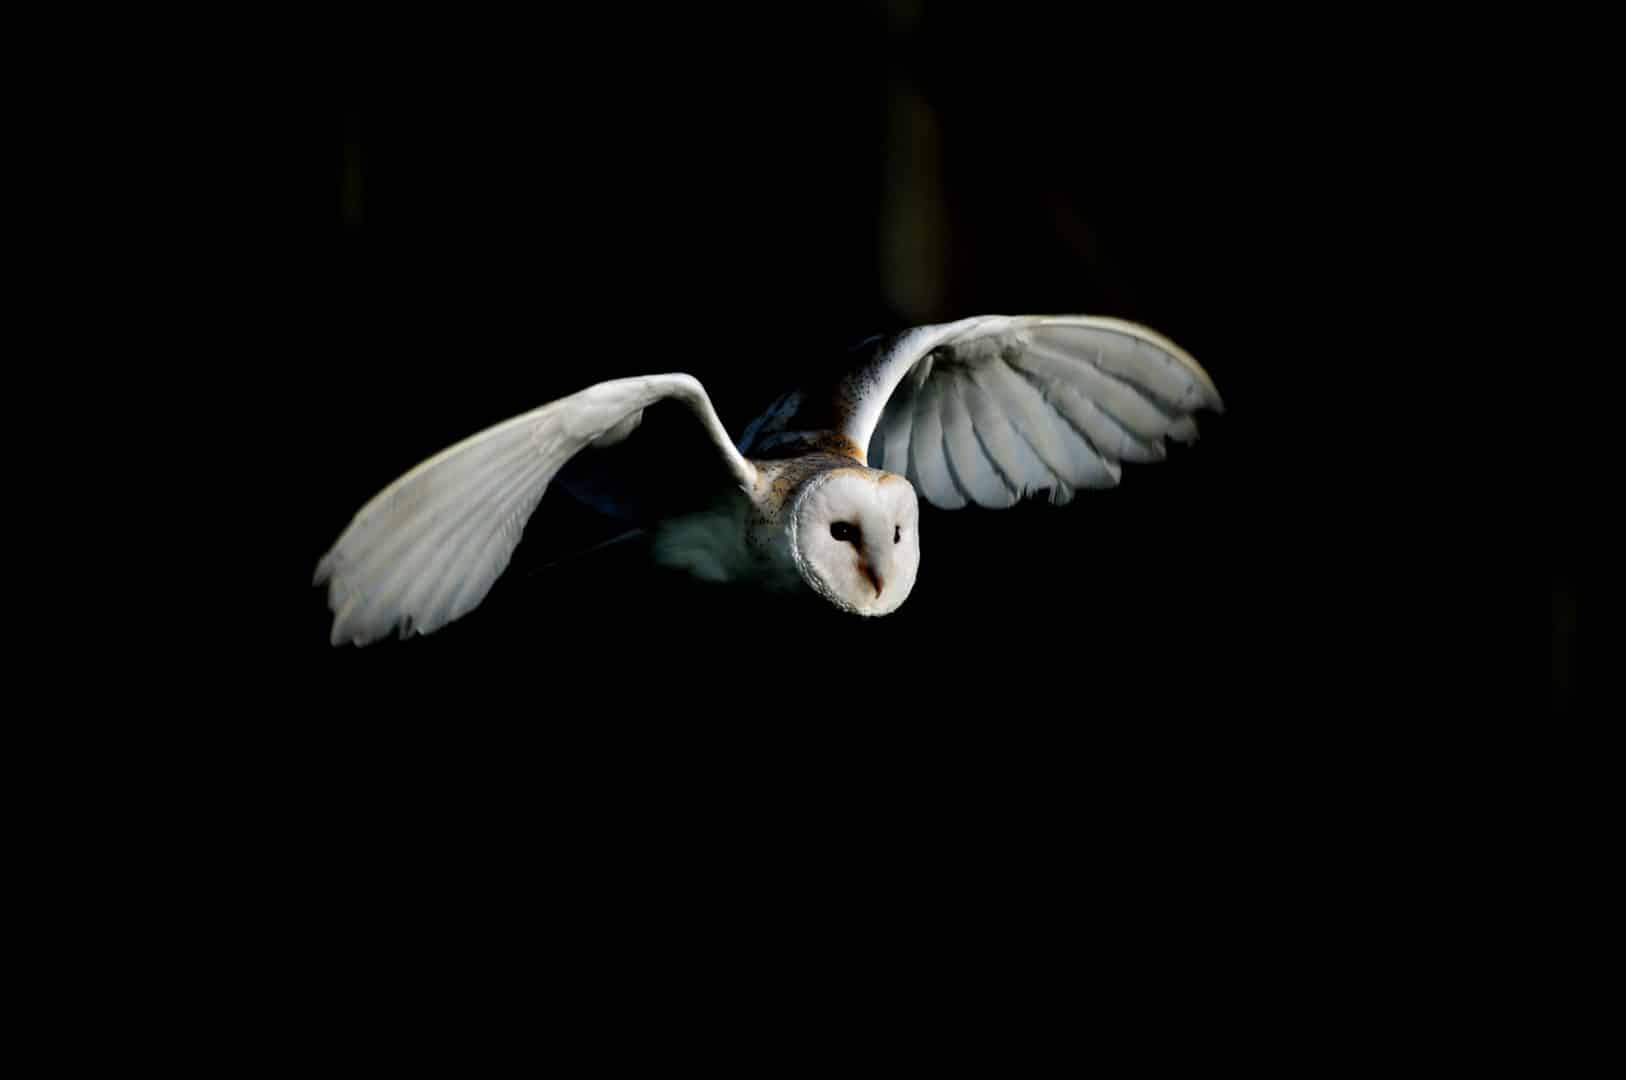 Corujas - principais hábitos, características e curiosidades sobre as aves